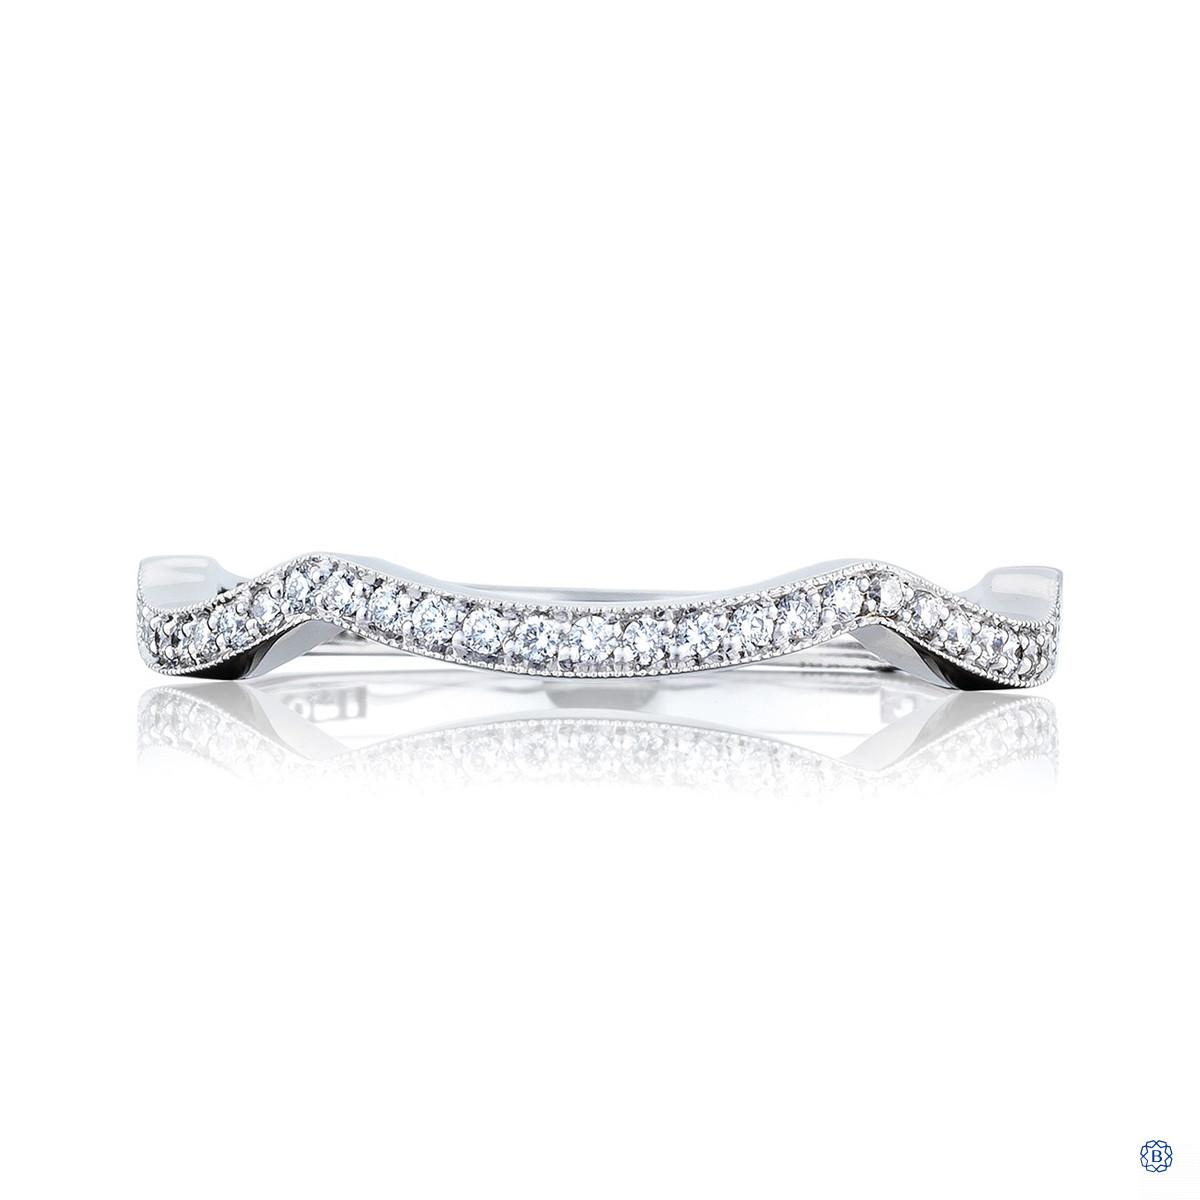 Tacori Ribbon Fitted Diamond Wedding Band